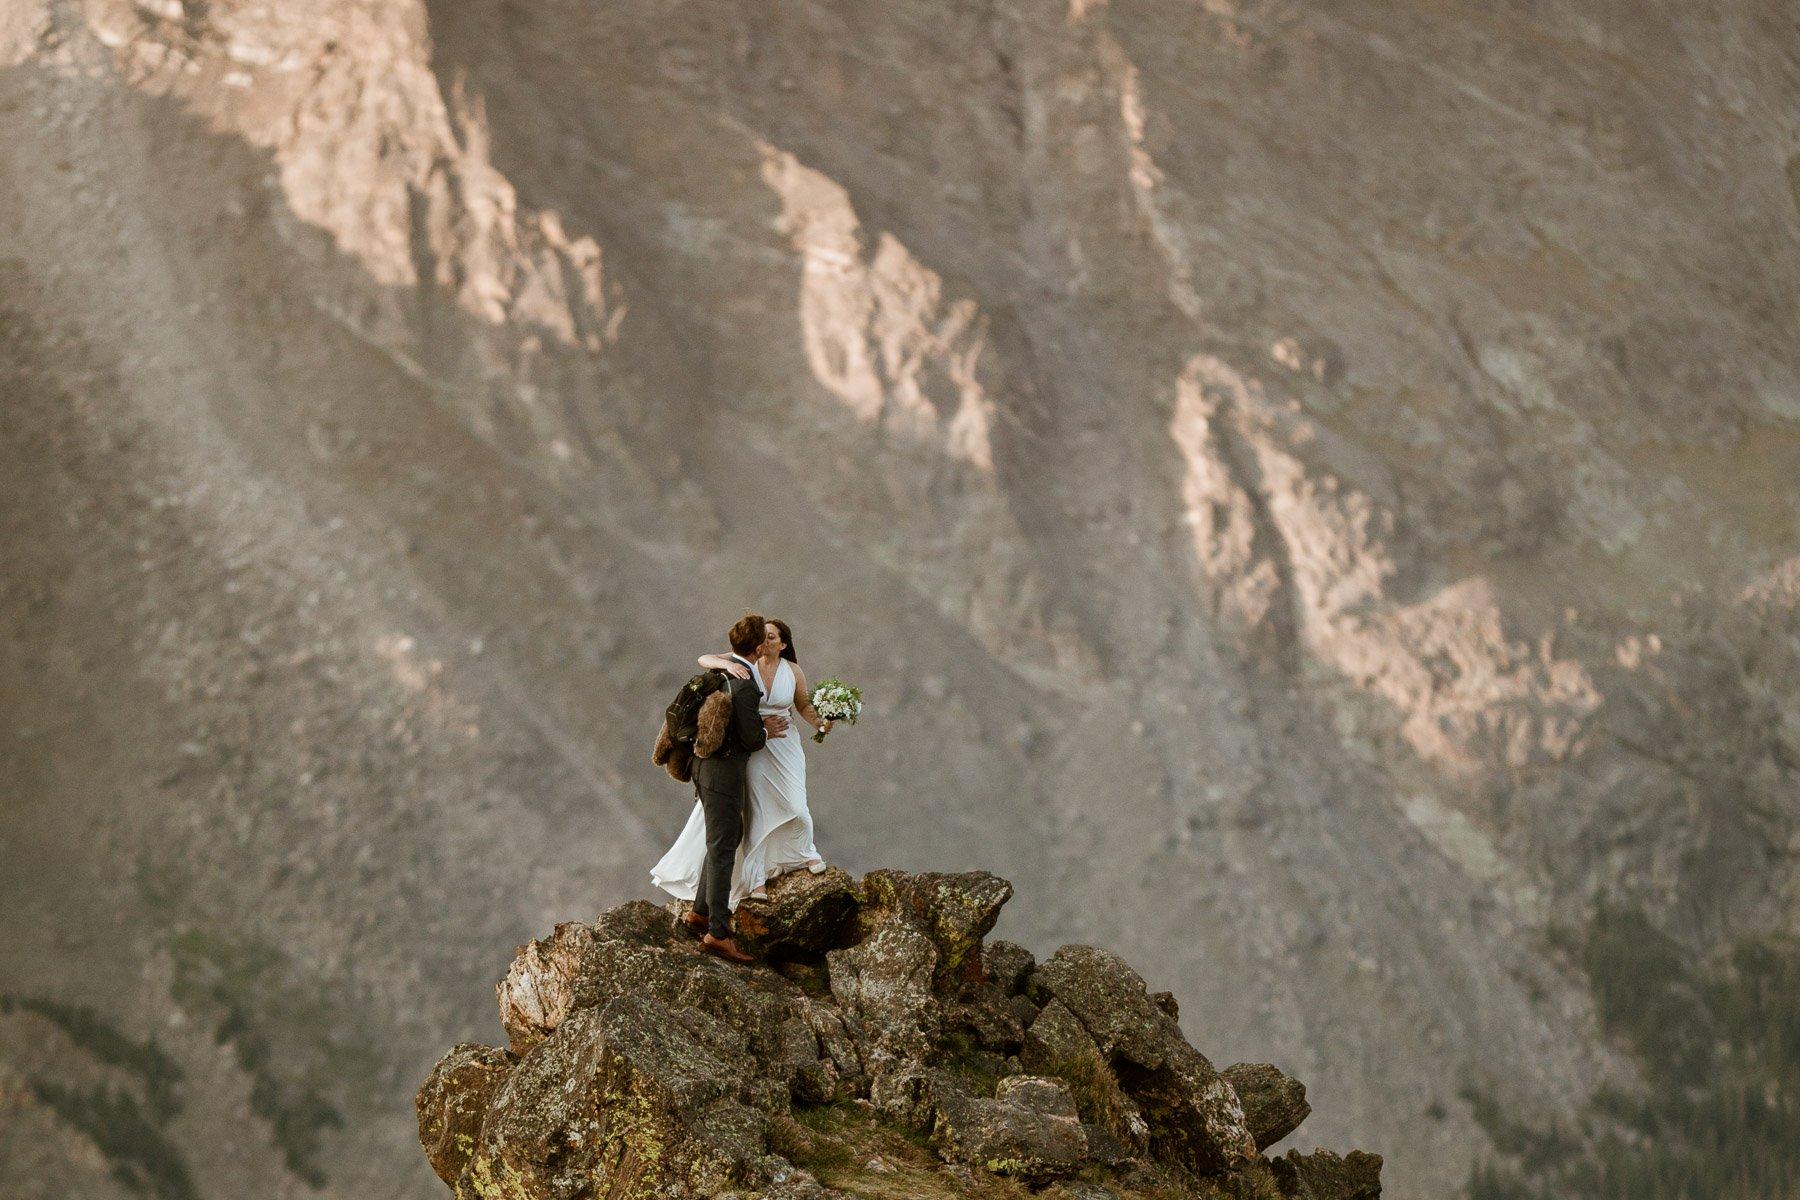 Colorado Wedding Photographer, Adventure Wedding the Summer, Rocky Mountains